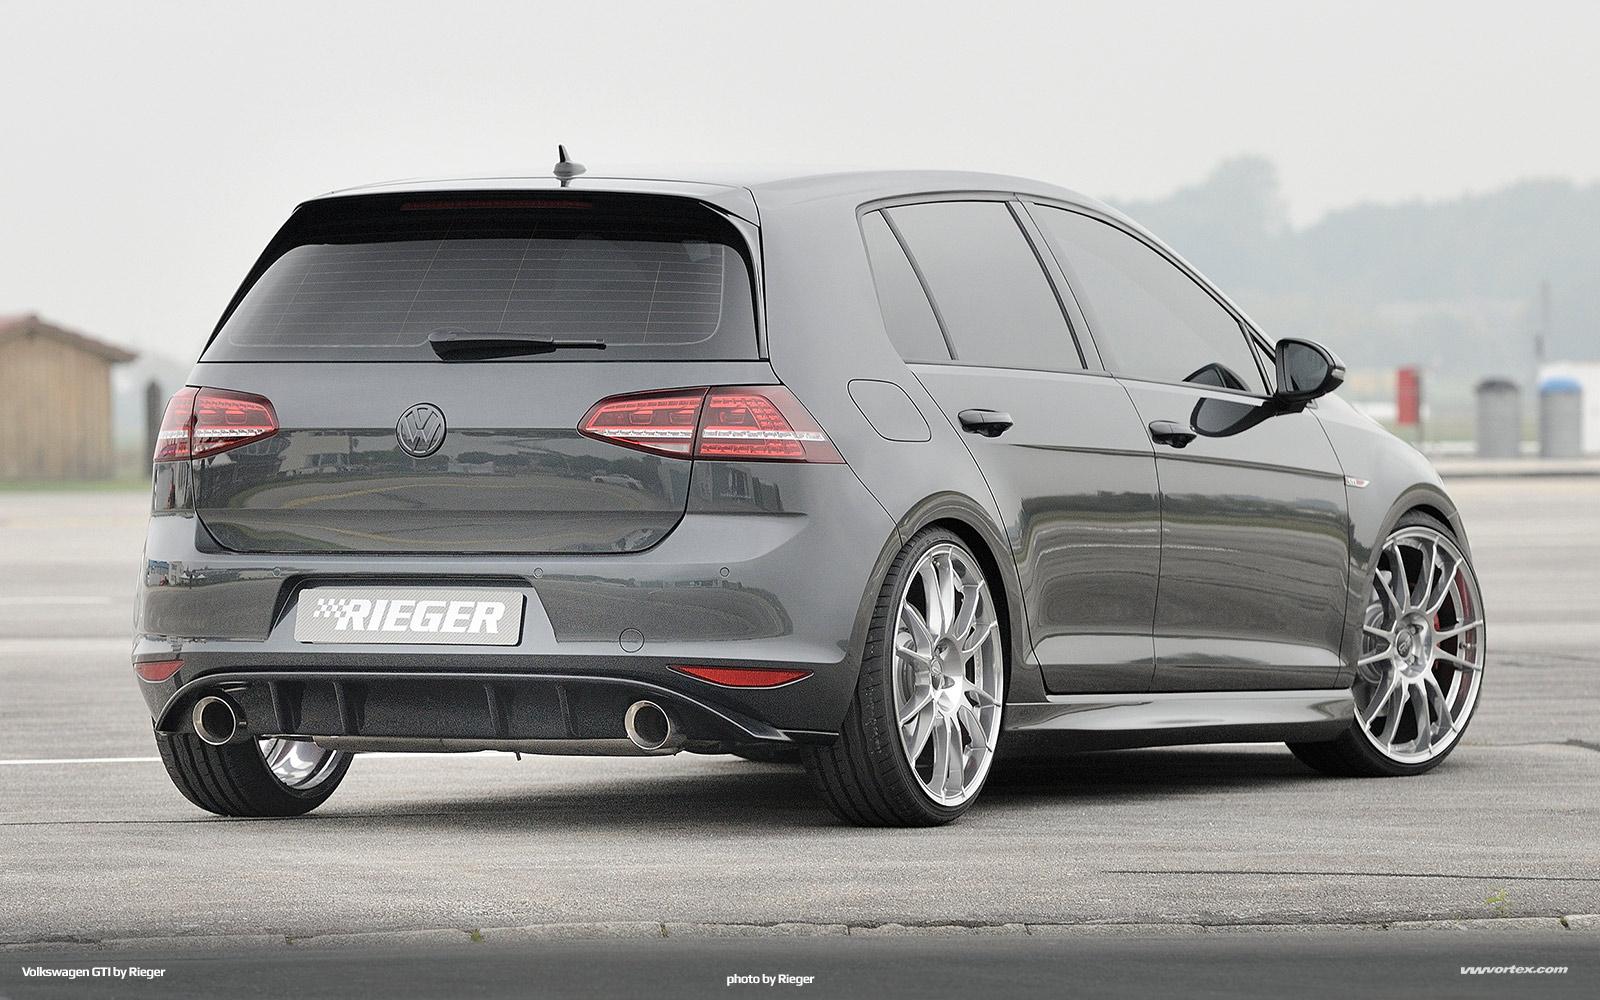 Volkswagen GTI by Rieger